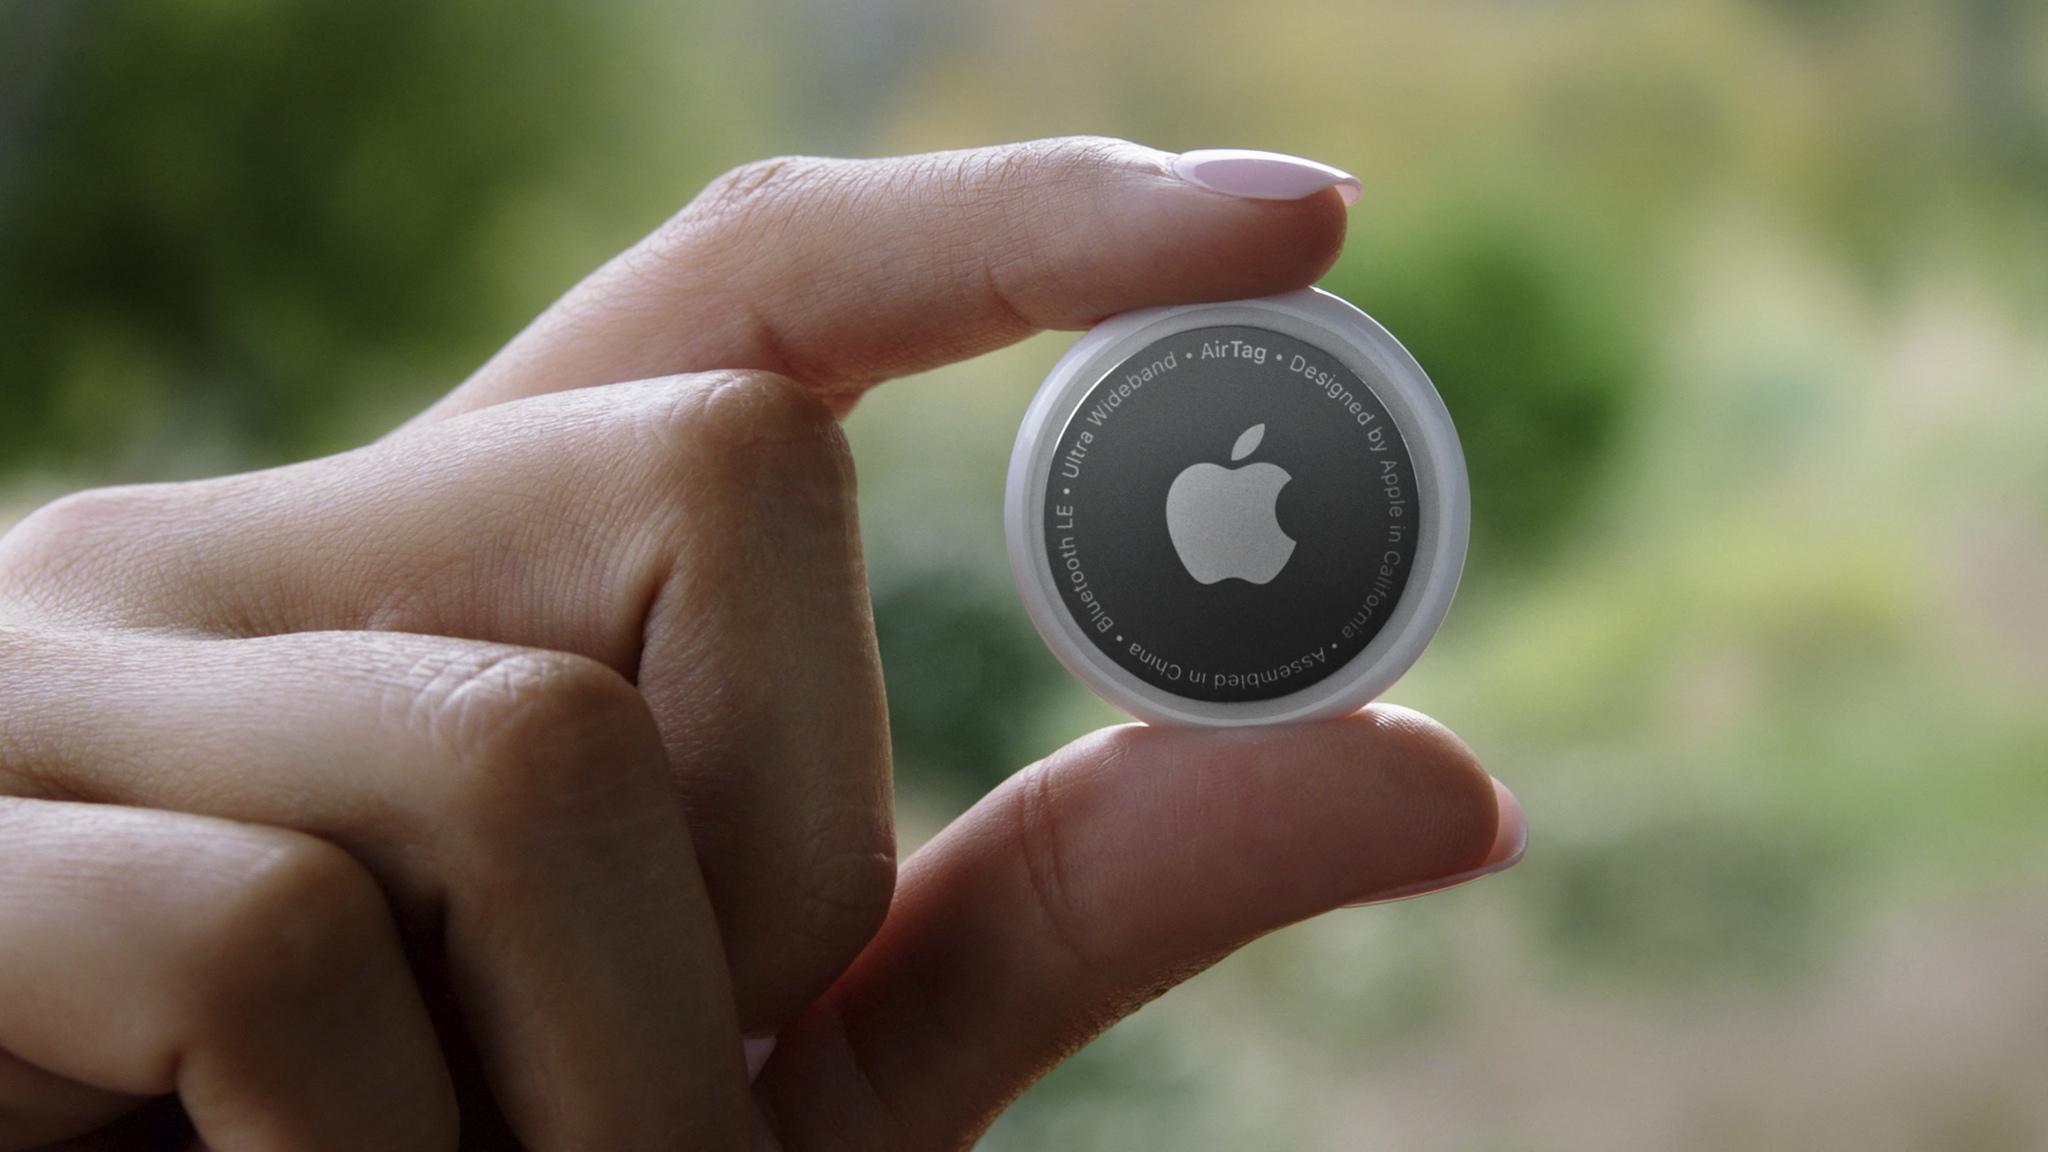 图:苹果公司发布了一系列的新产品。(Handout / Apple Inc. / AFP)